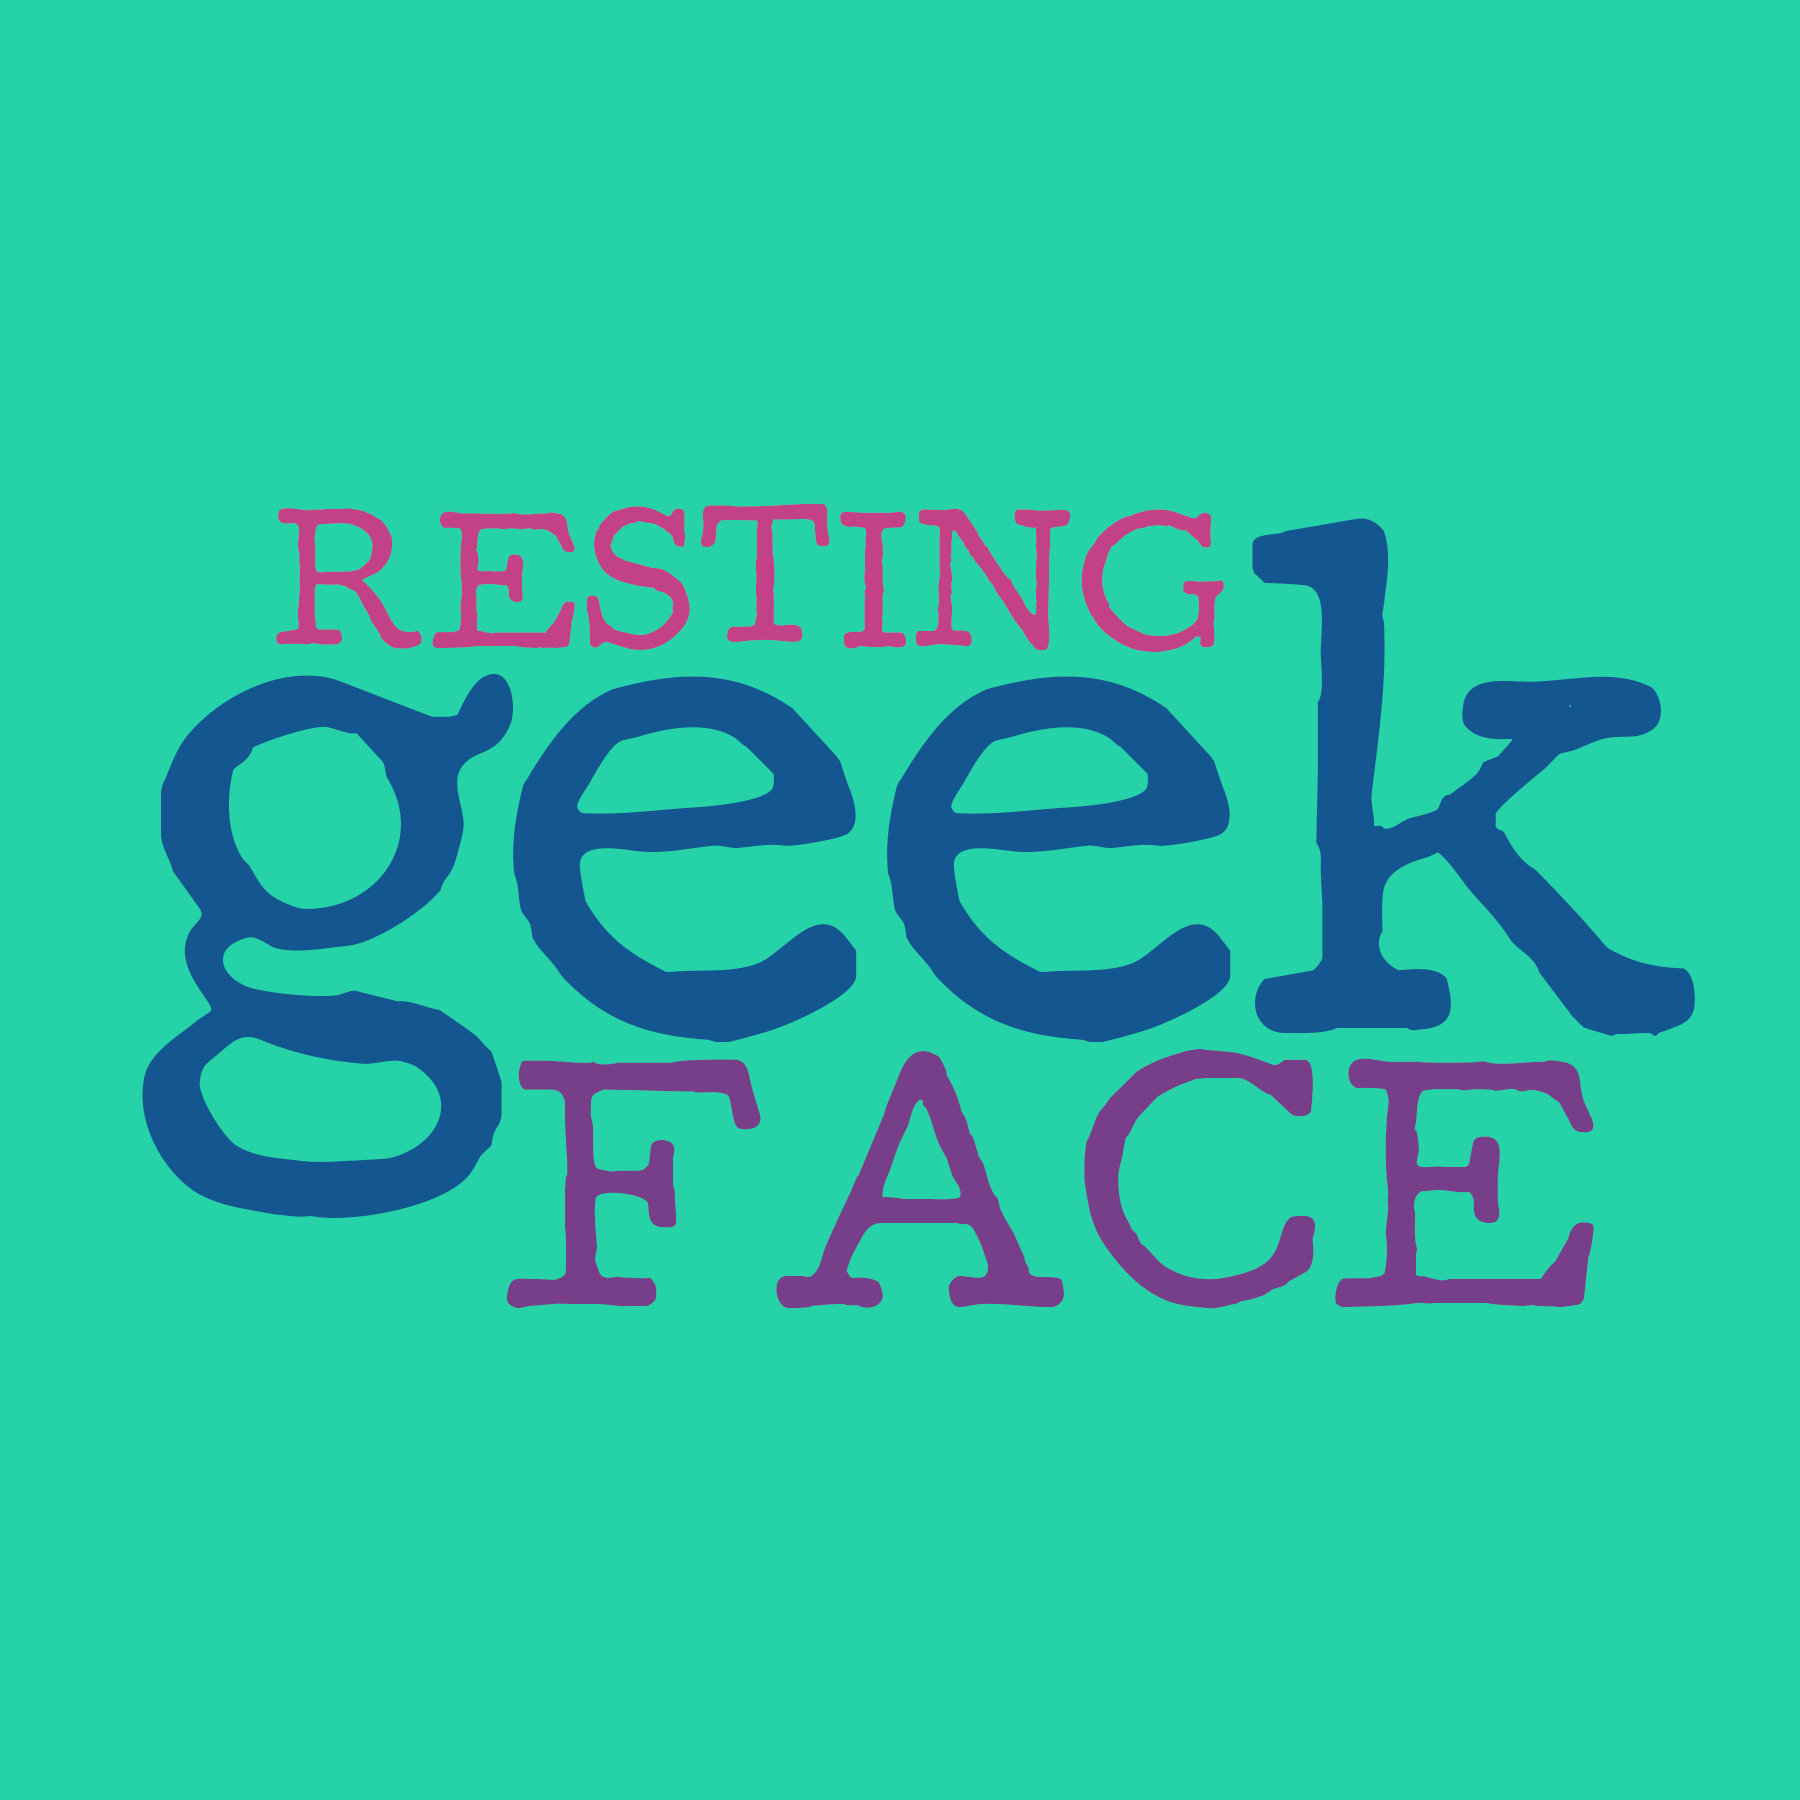 Resting Geek Face